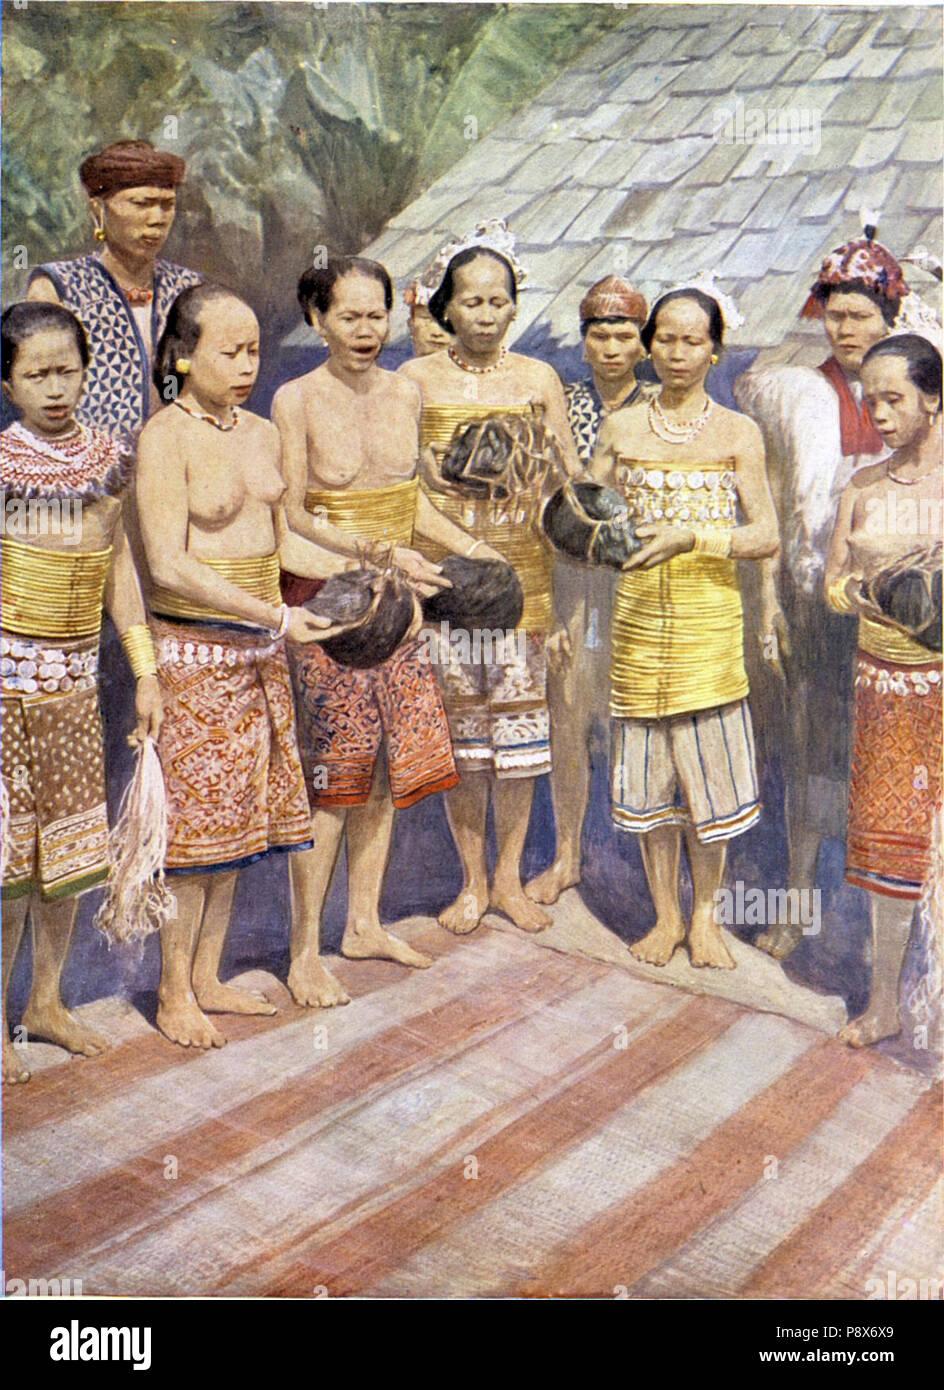 86 Dajakfrauen mit Menschenschädeln den Händen, zu einem Tanze versammelt - Stock Image